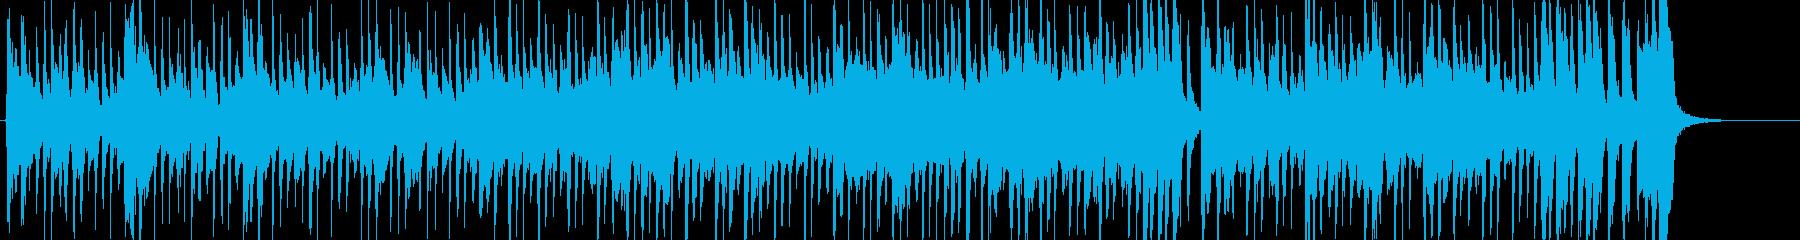 怪しい雰囲気のソウル音楽の再生済みの波形